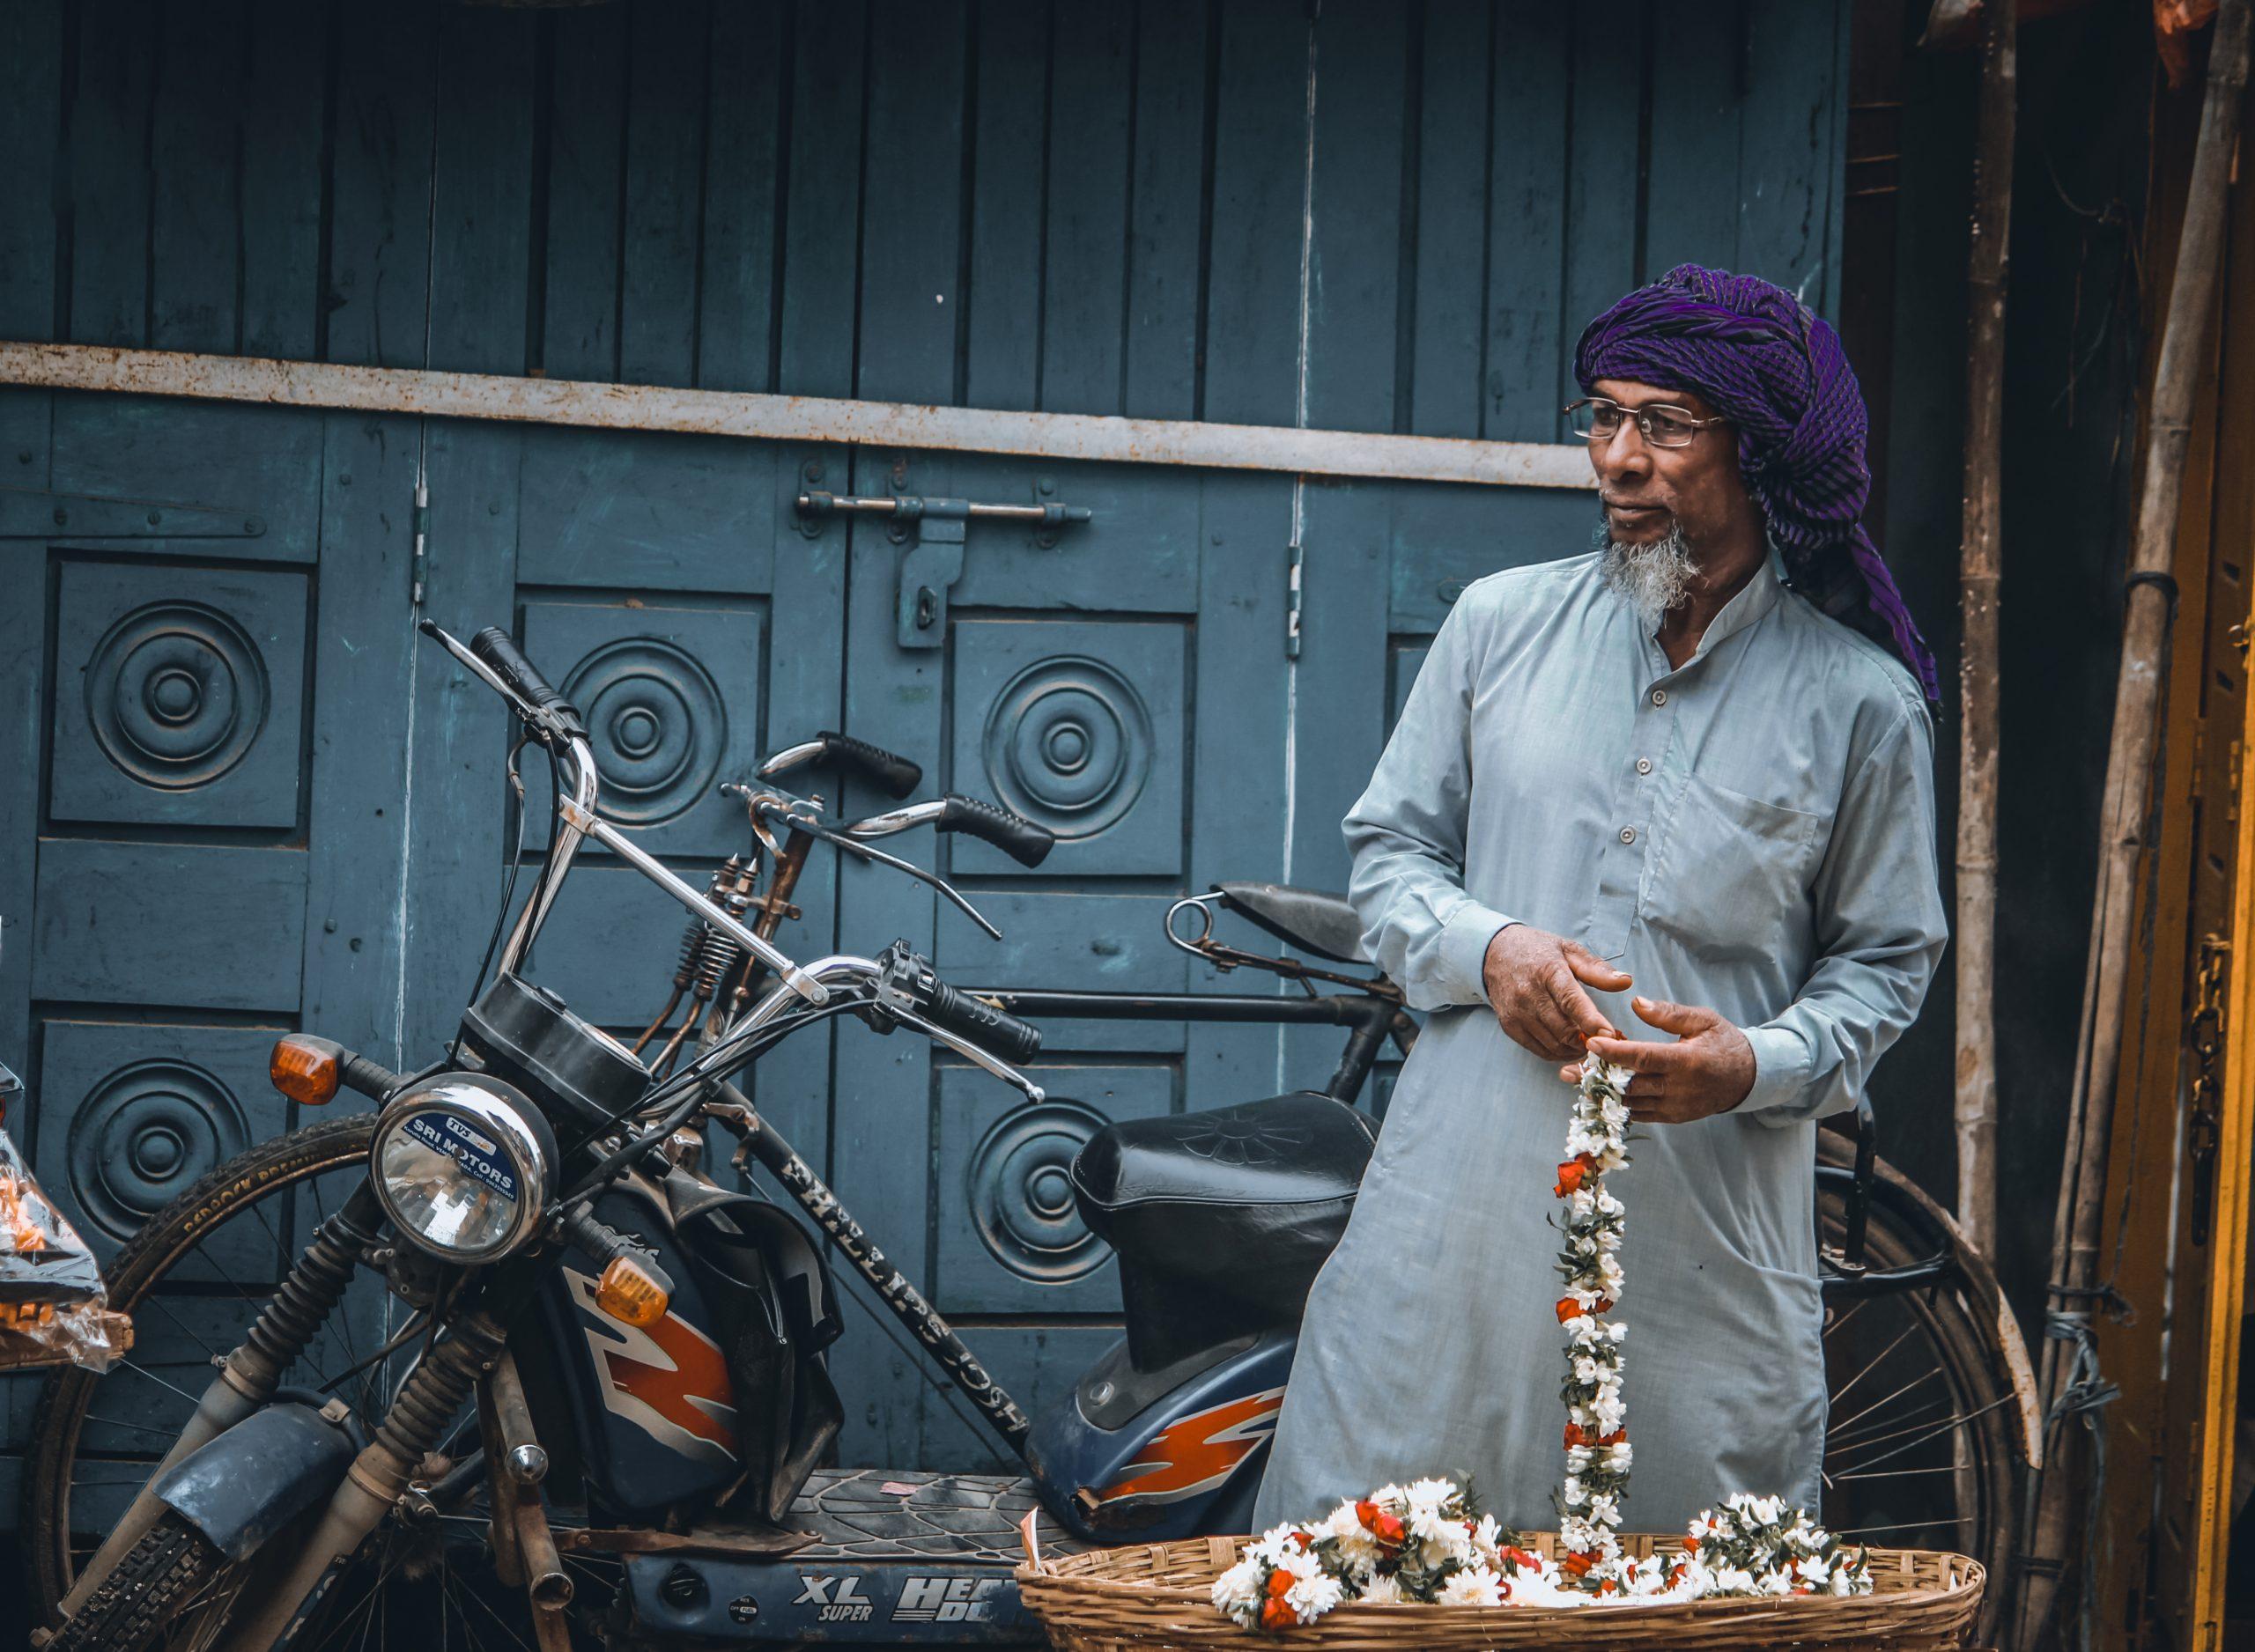 A flower seller in a street